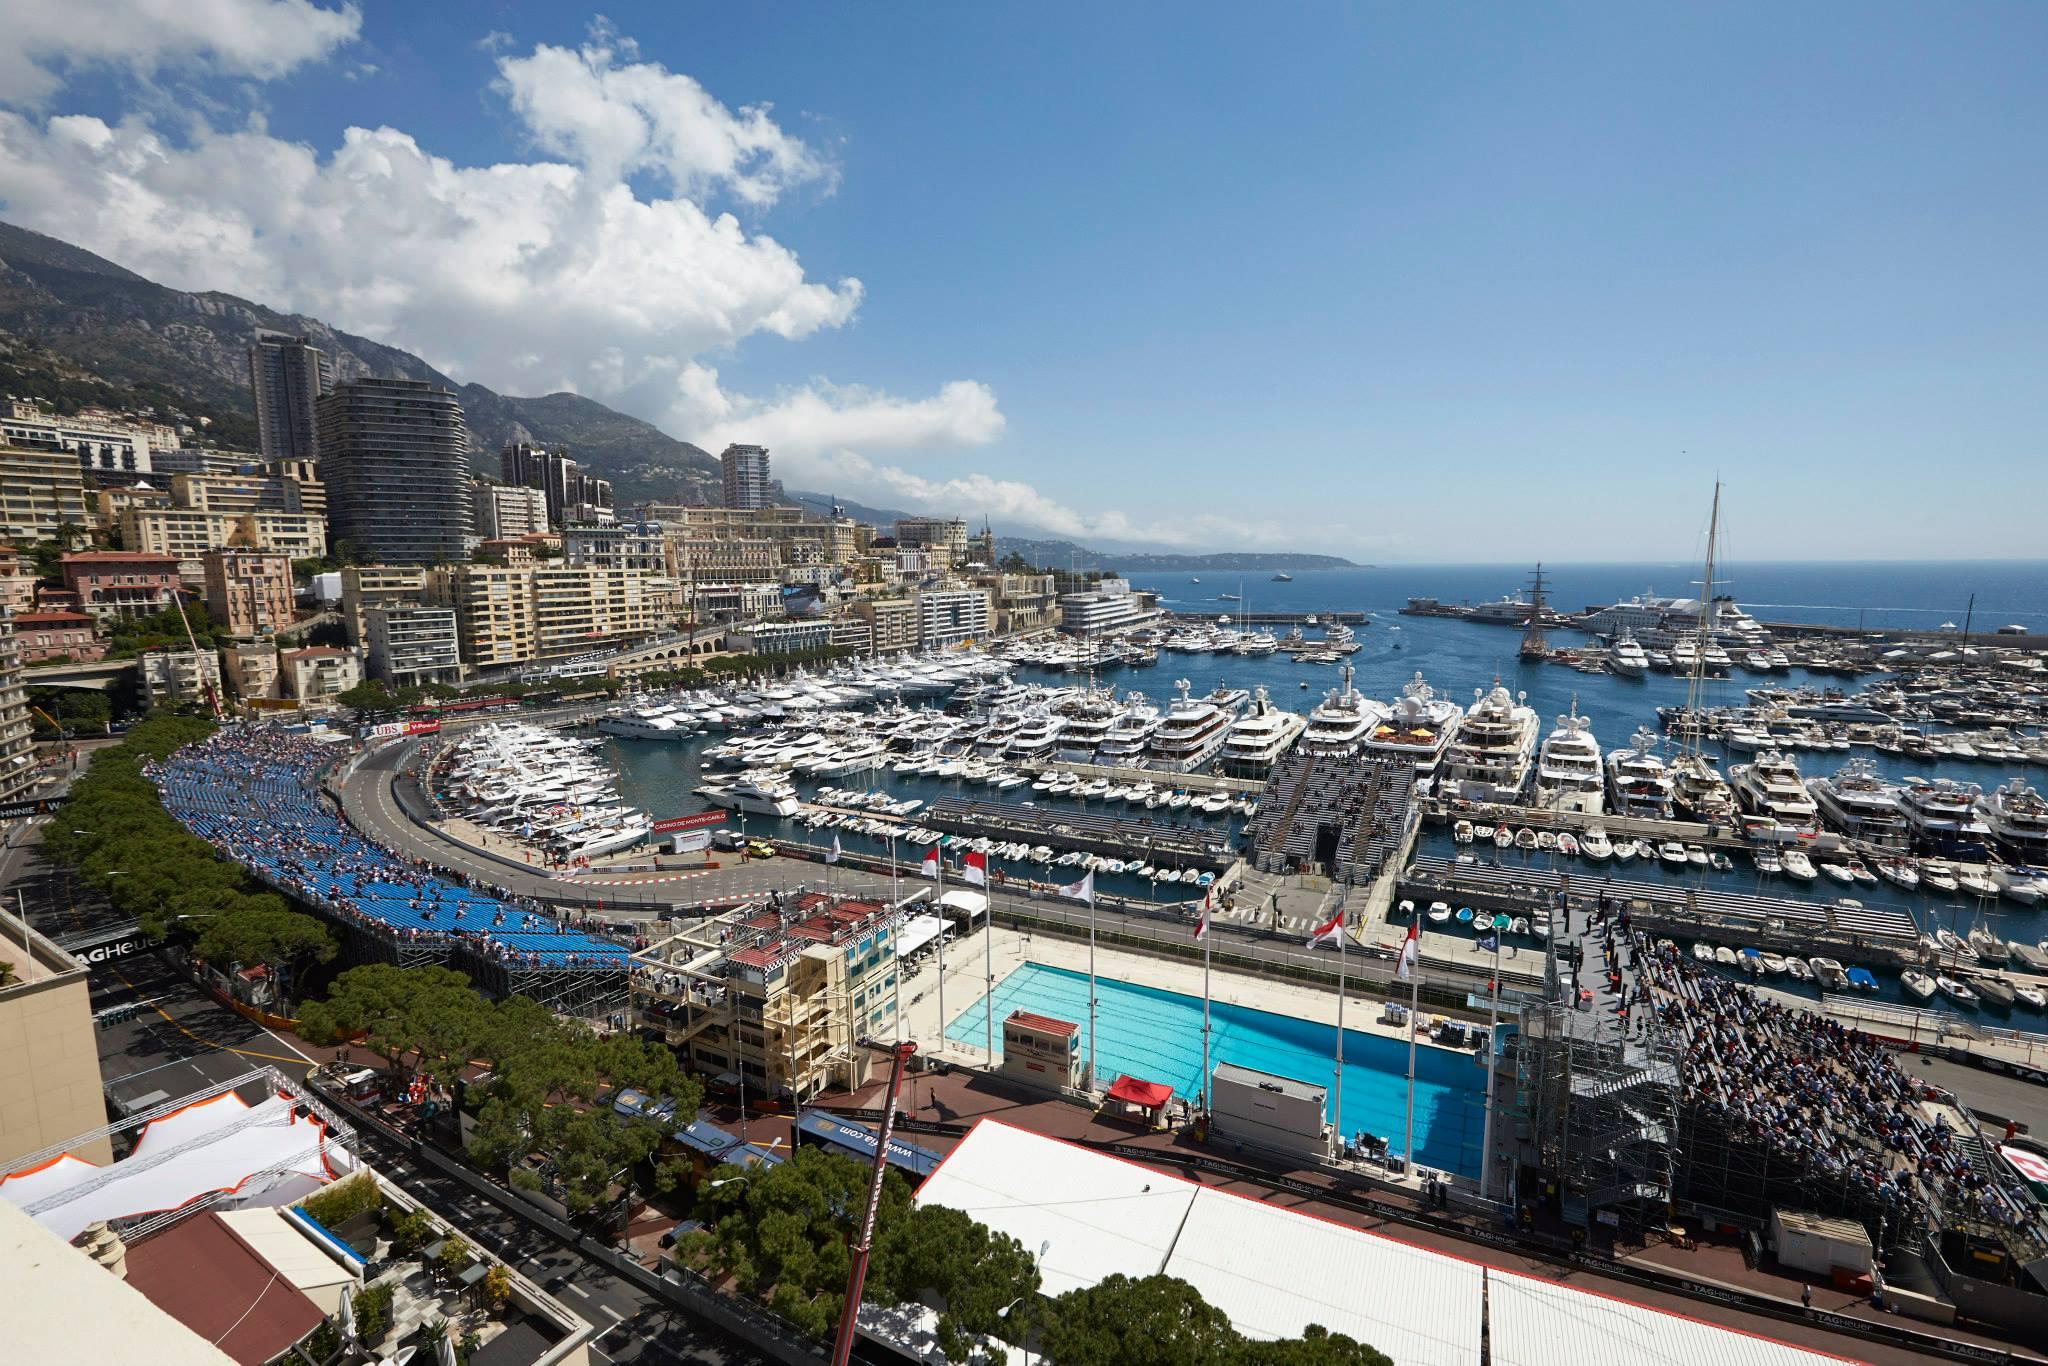 f1 polls how would you rate the formula 1 grand prix de monaco 2014 thejudge13